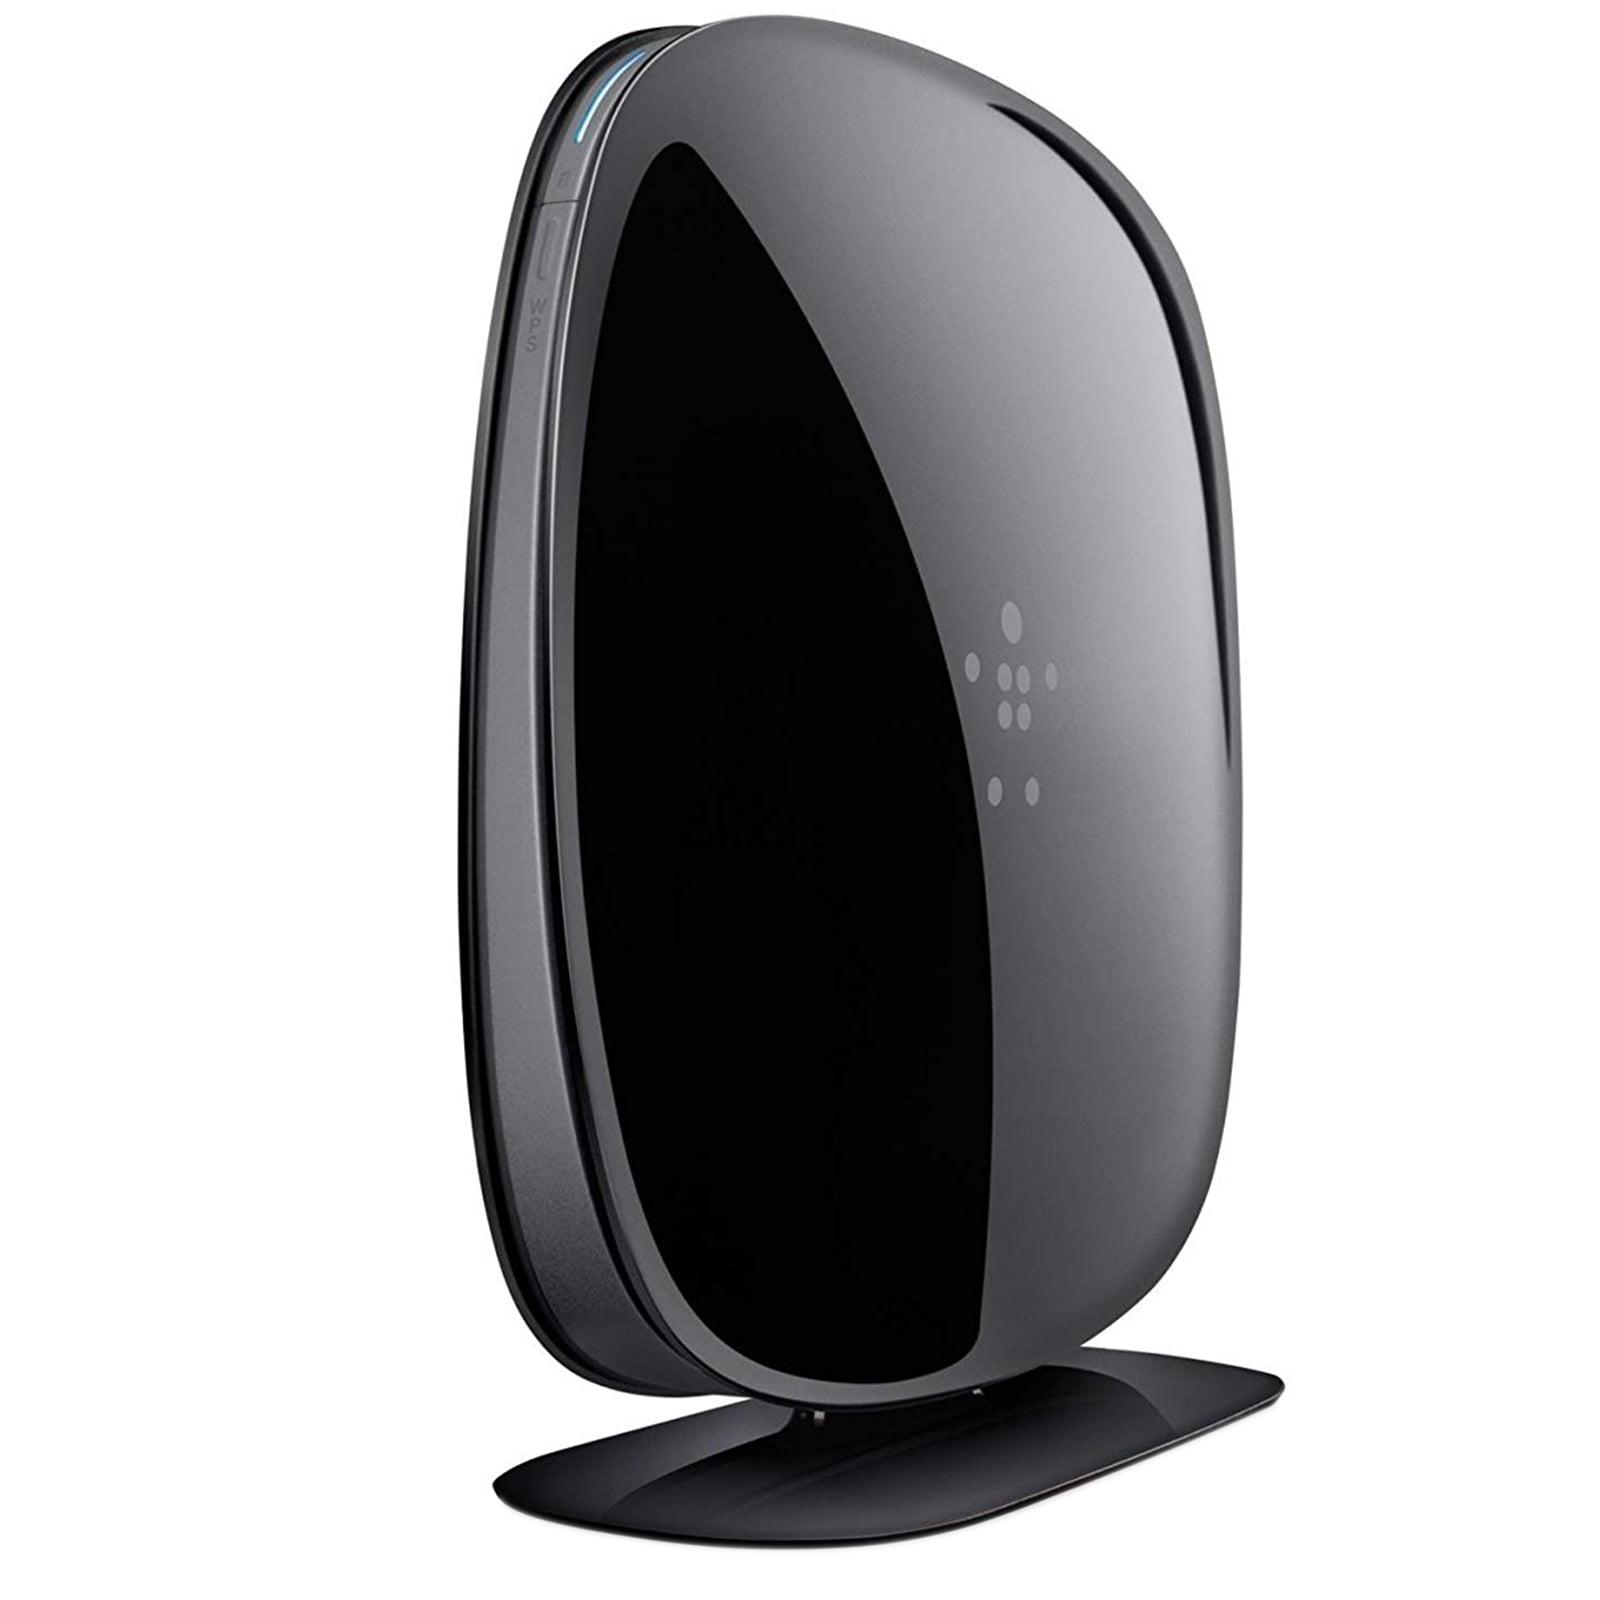 Belkin N600 Wireless Dualband Router (F9K1102) by Belkin